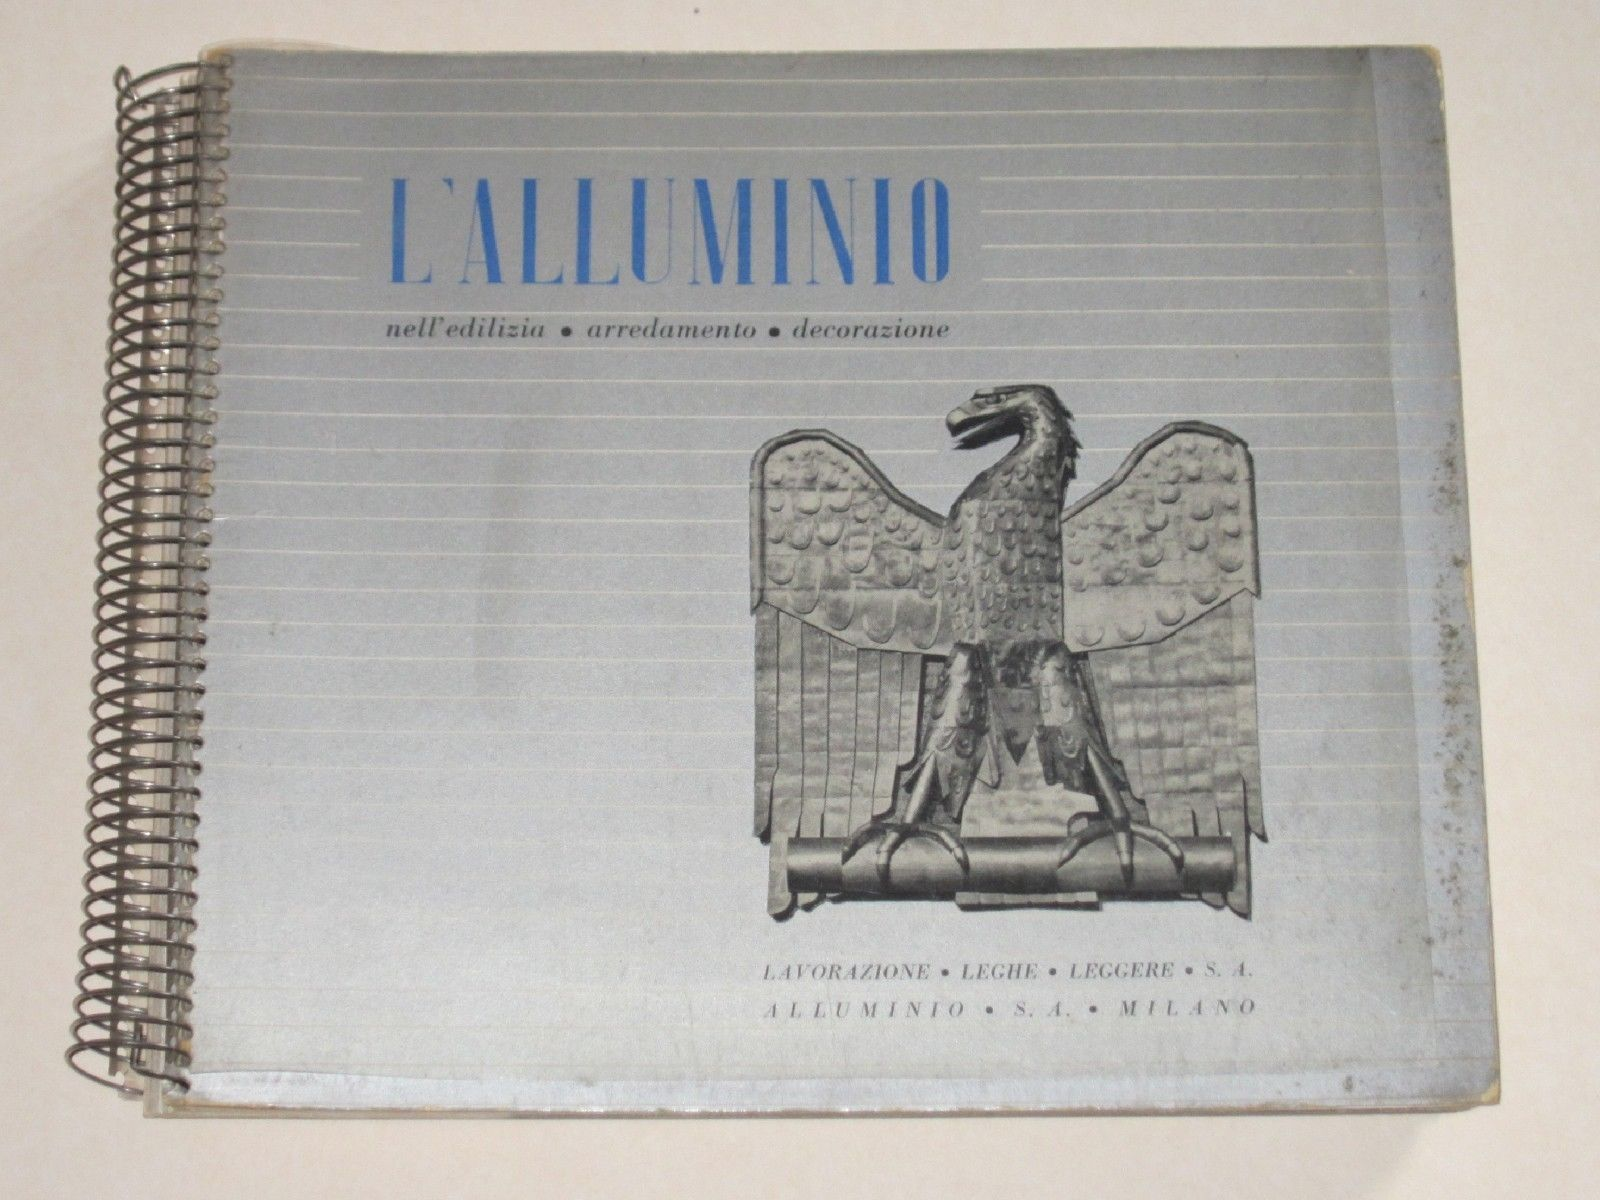 """…su eBay c'è il catalogo """"L'alluminio"""" – """"Futurismo"""" con spirale!"""